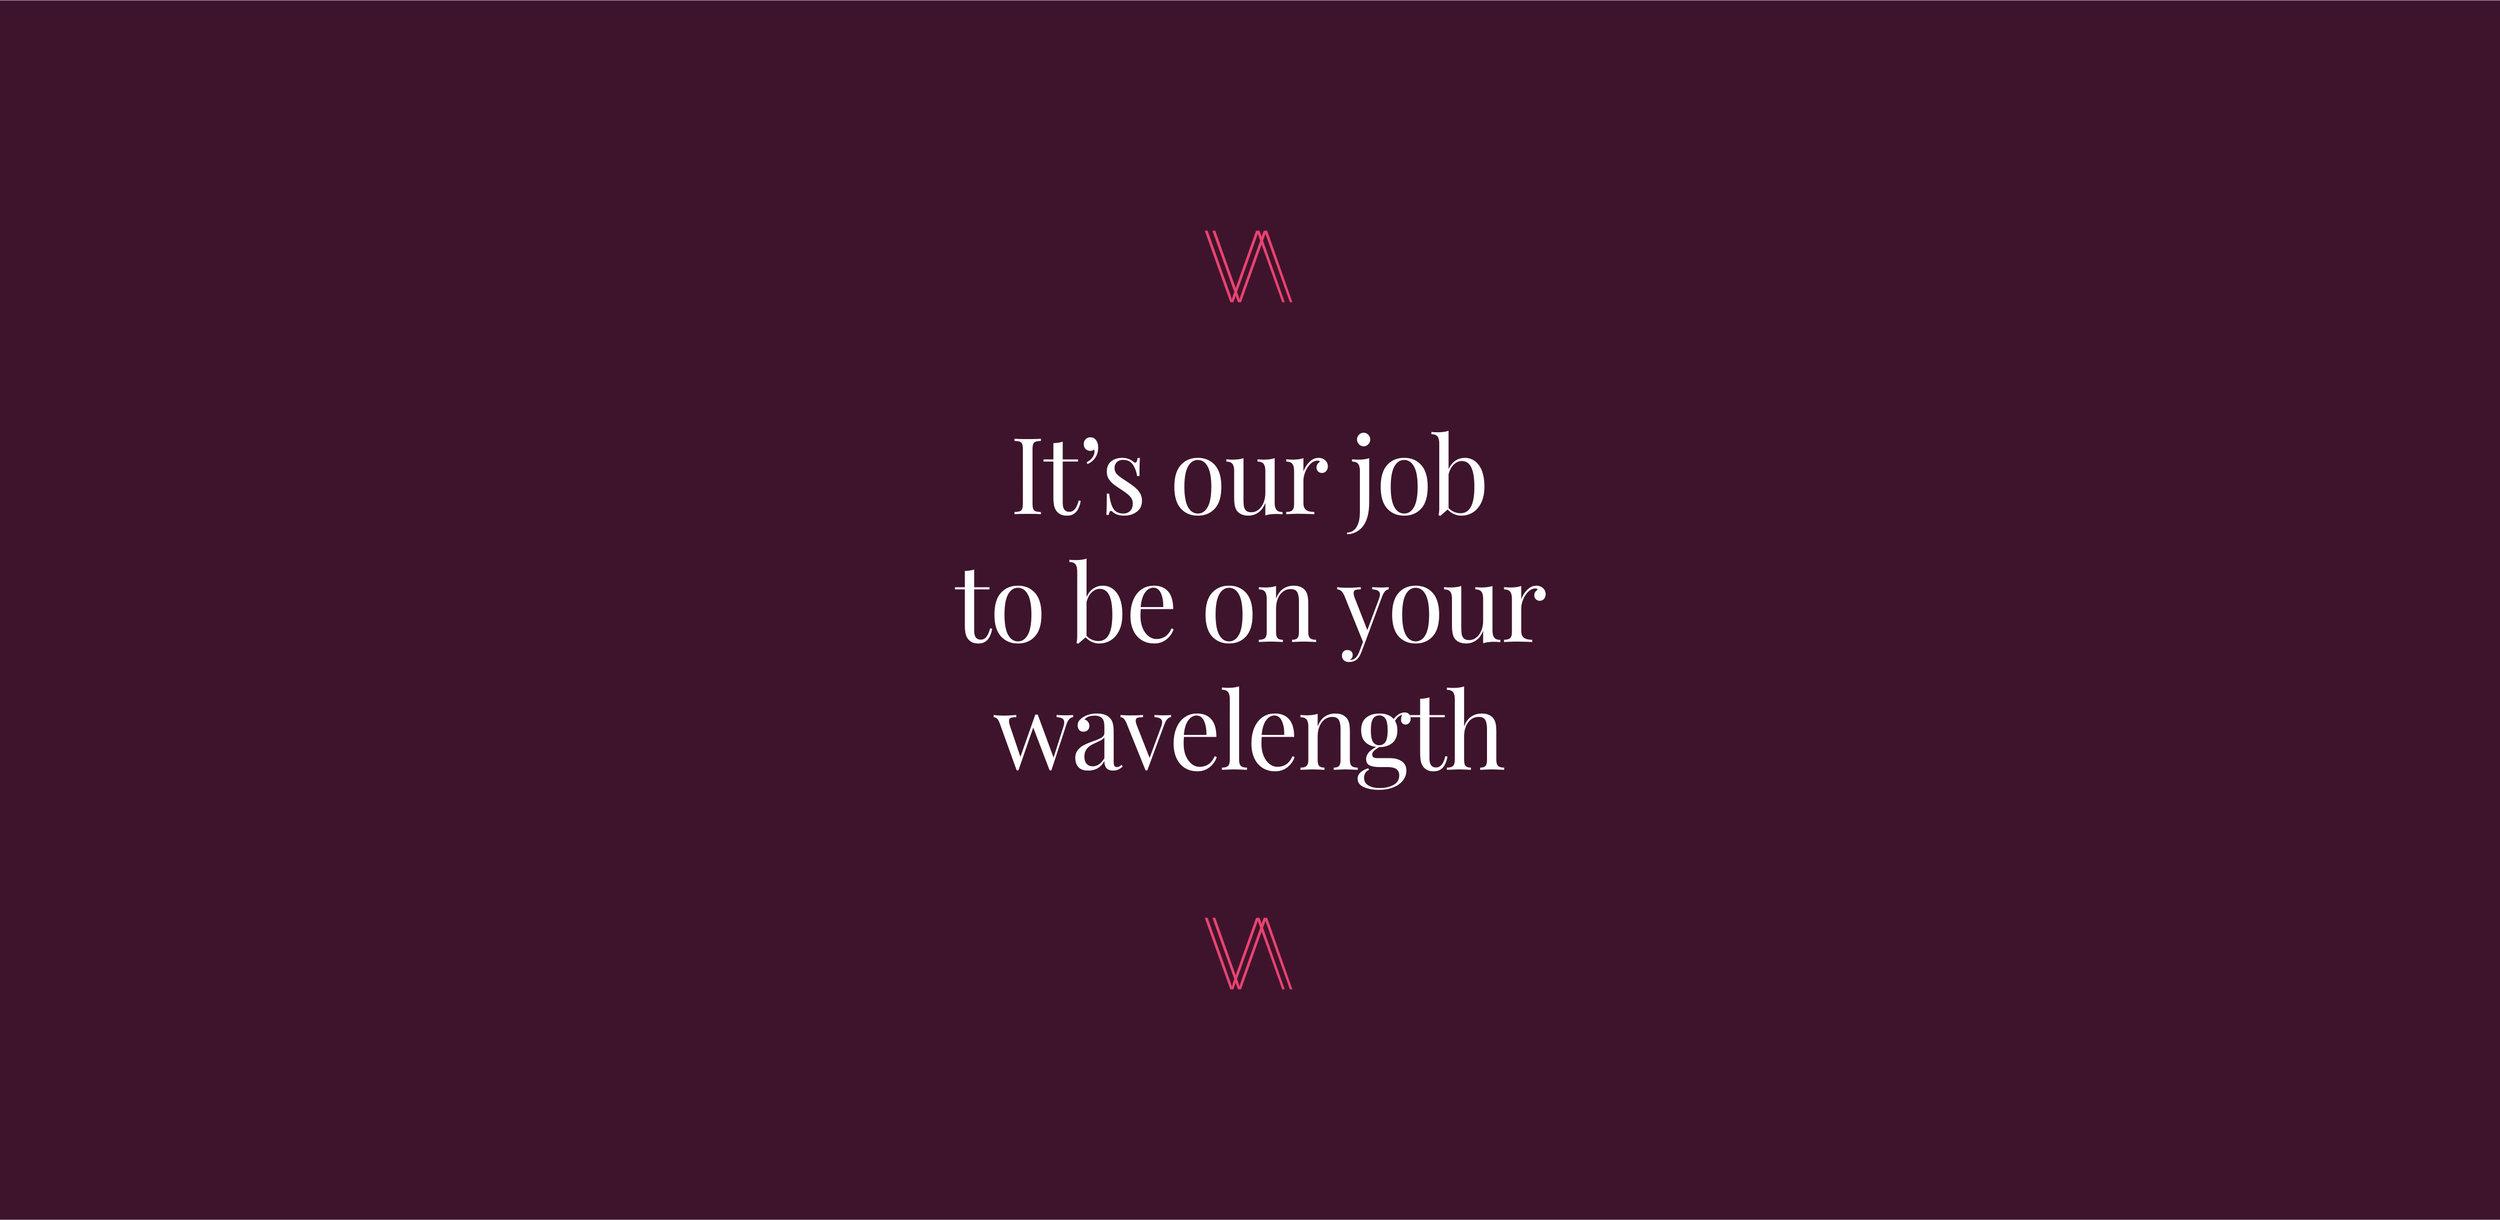 Wavelength quote.jpg